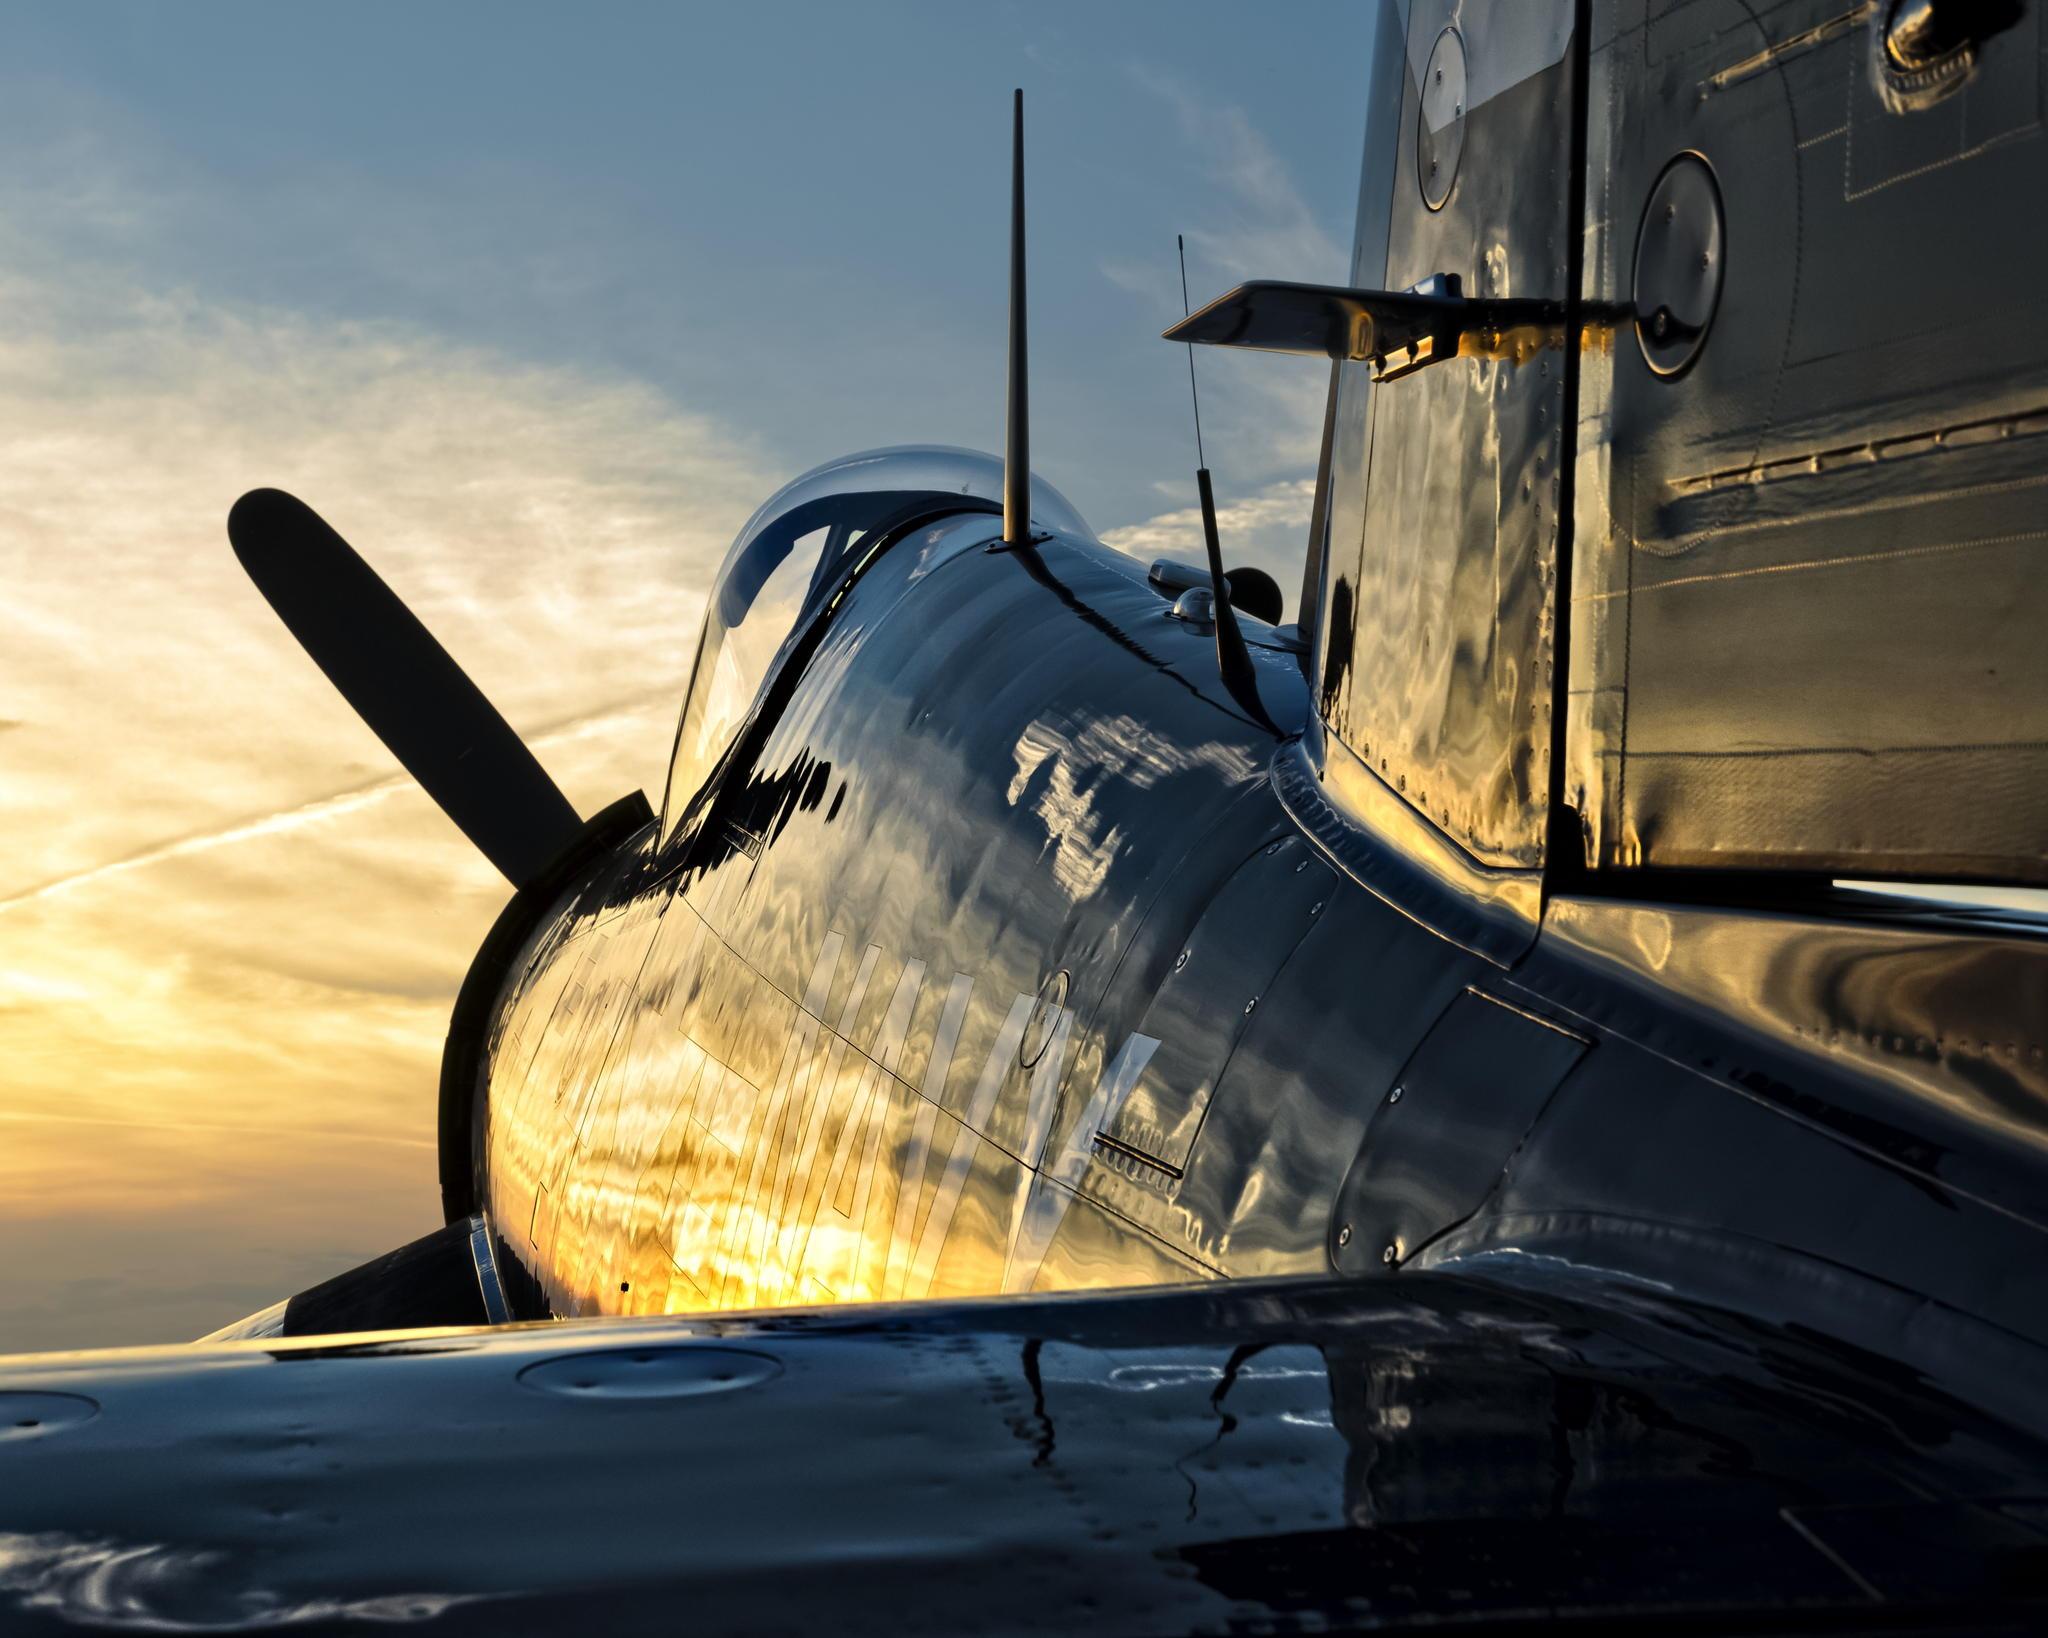 比喷气式更迷人 老式螺旋桨飞机的风采